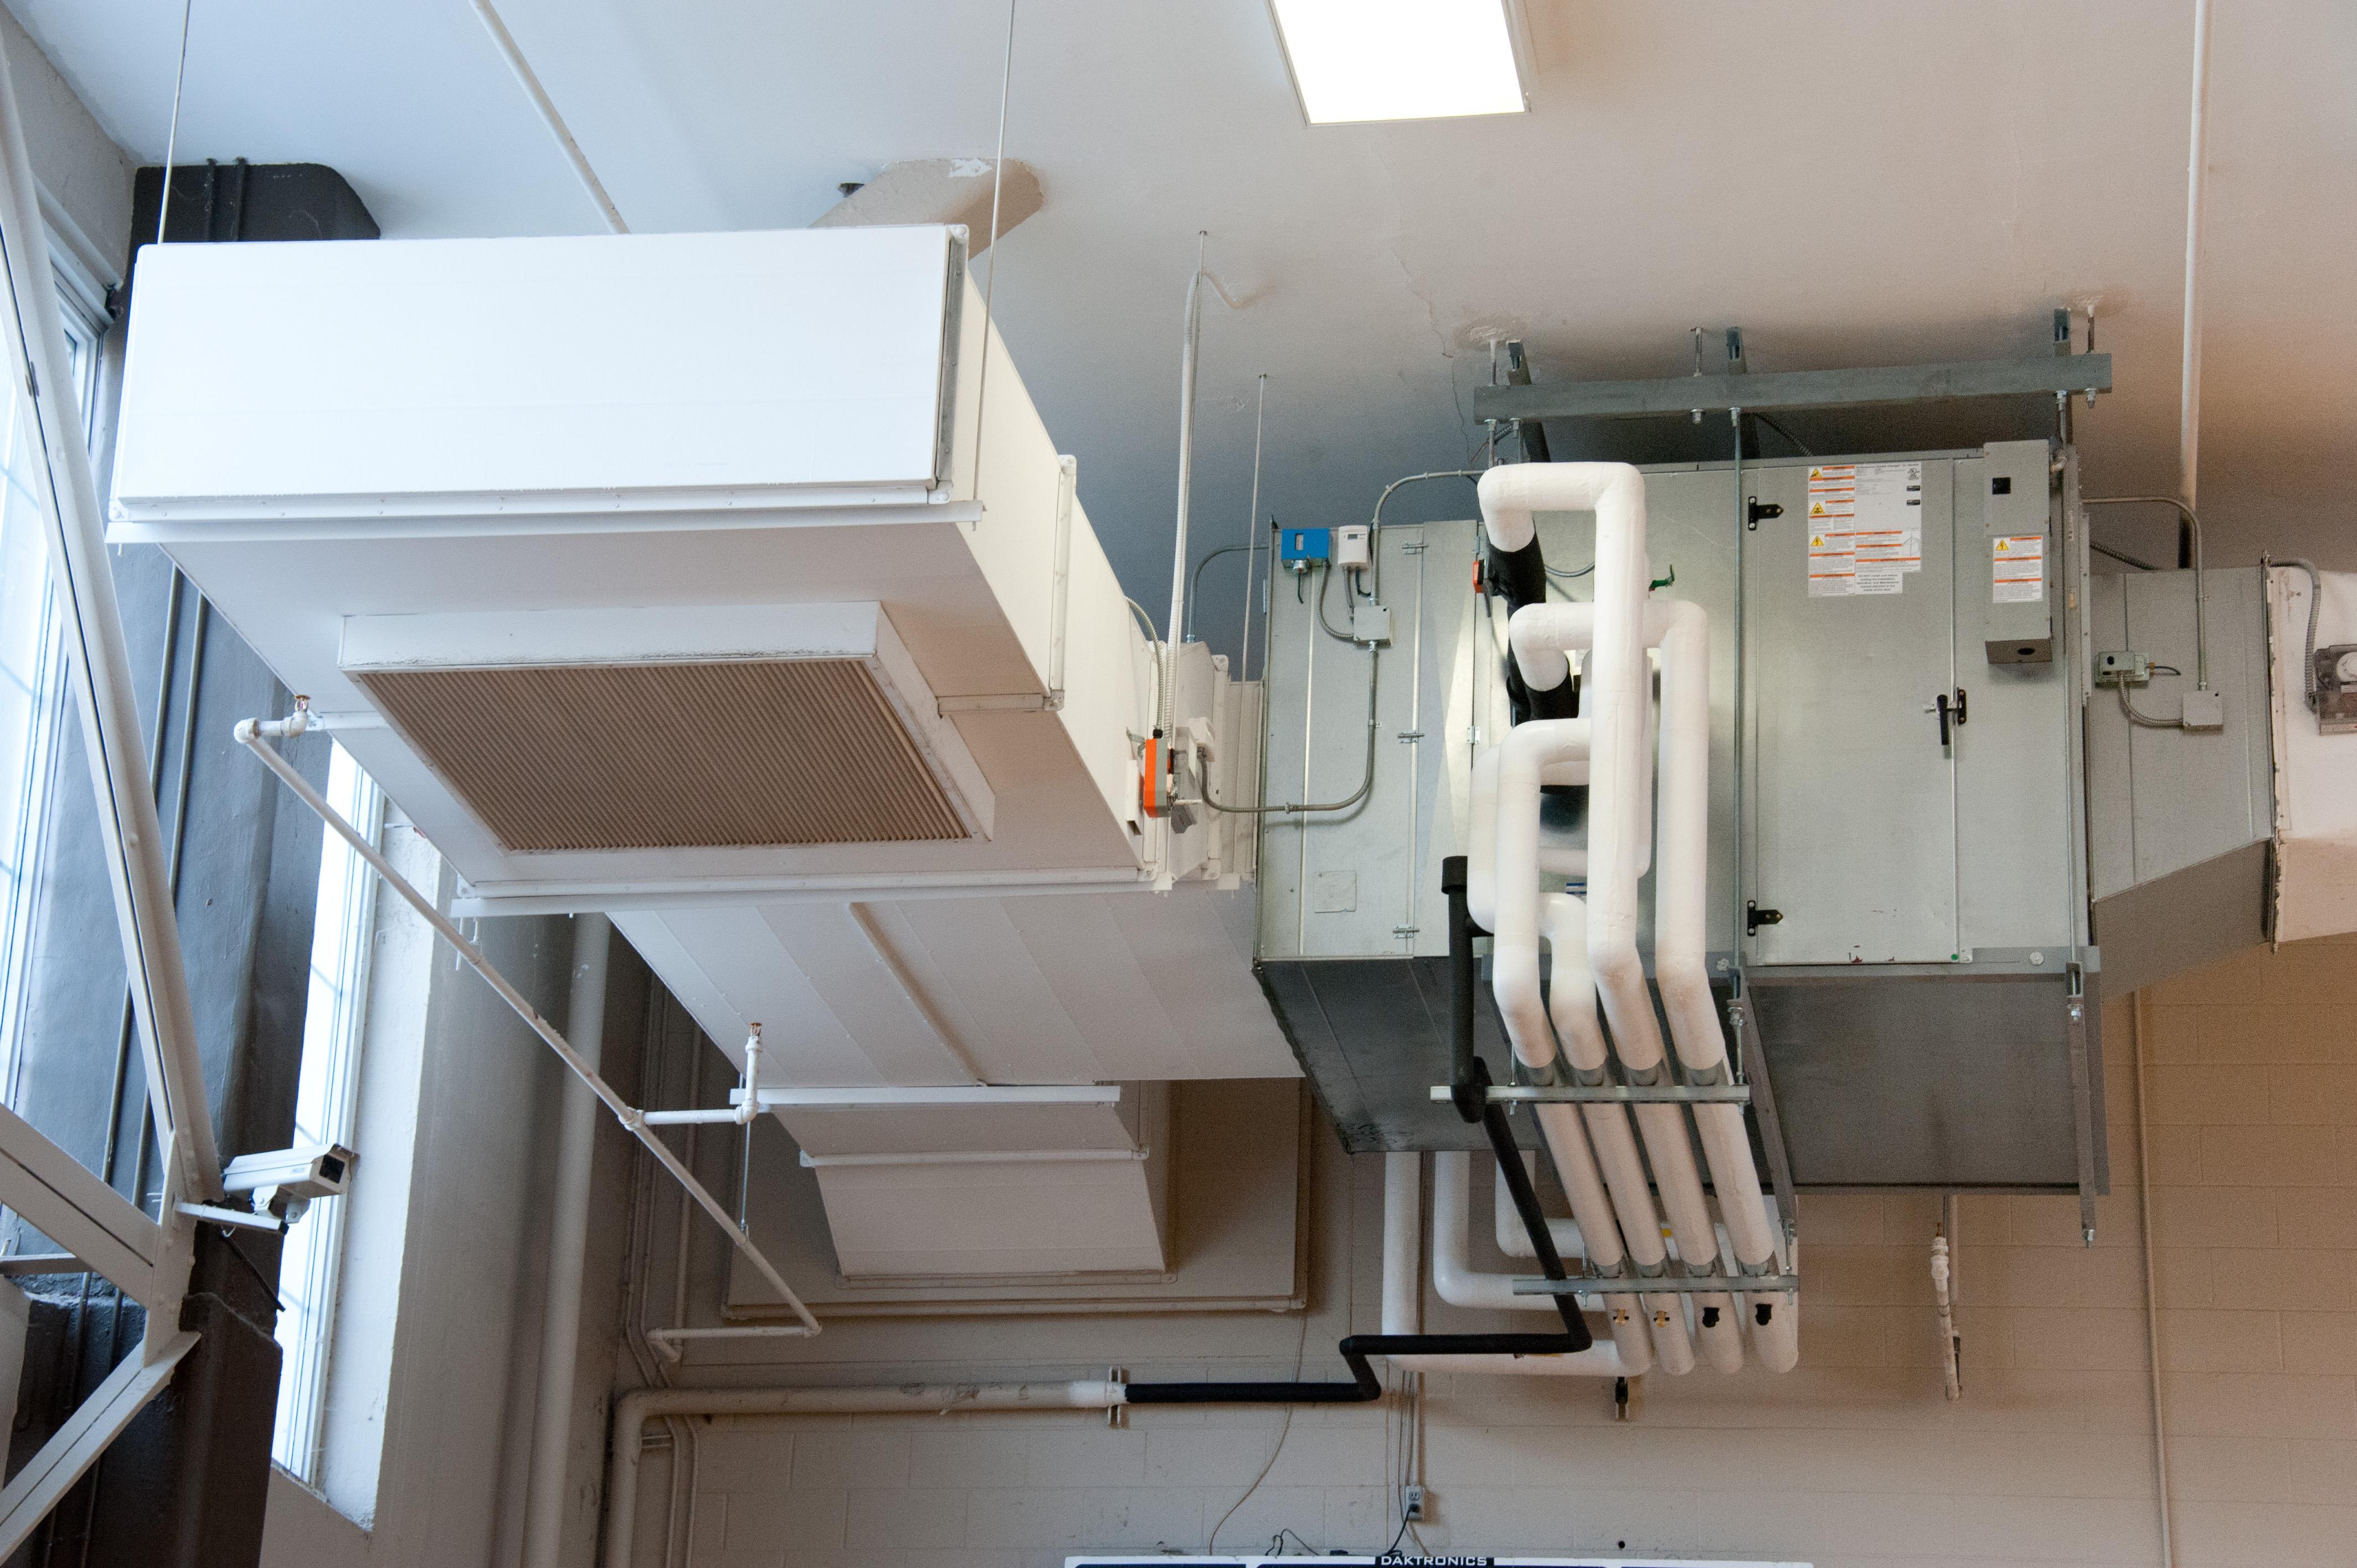 Image result for Ductless HVAC System Market